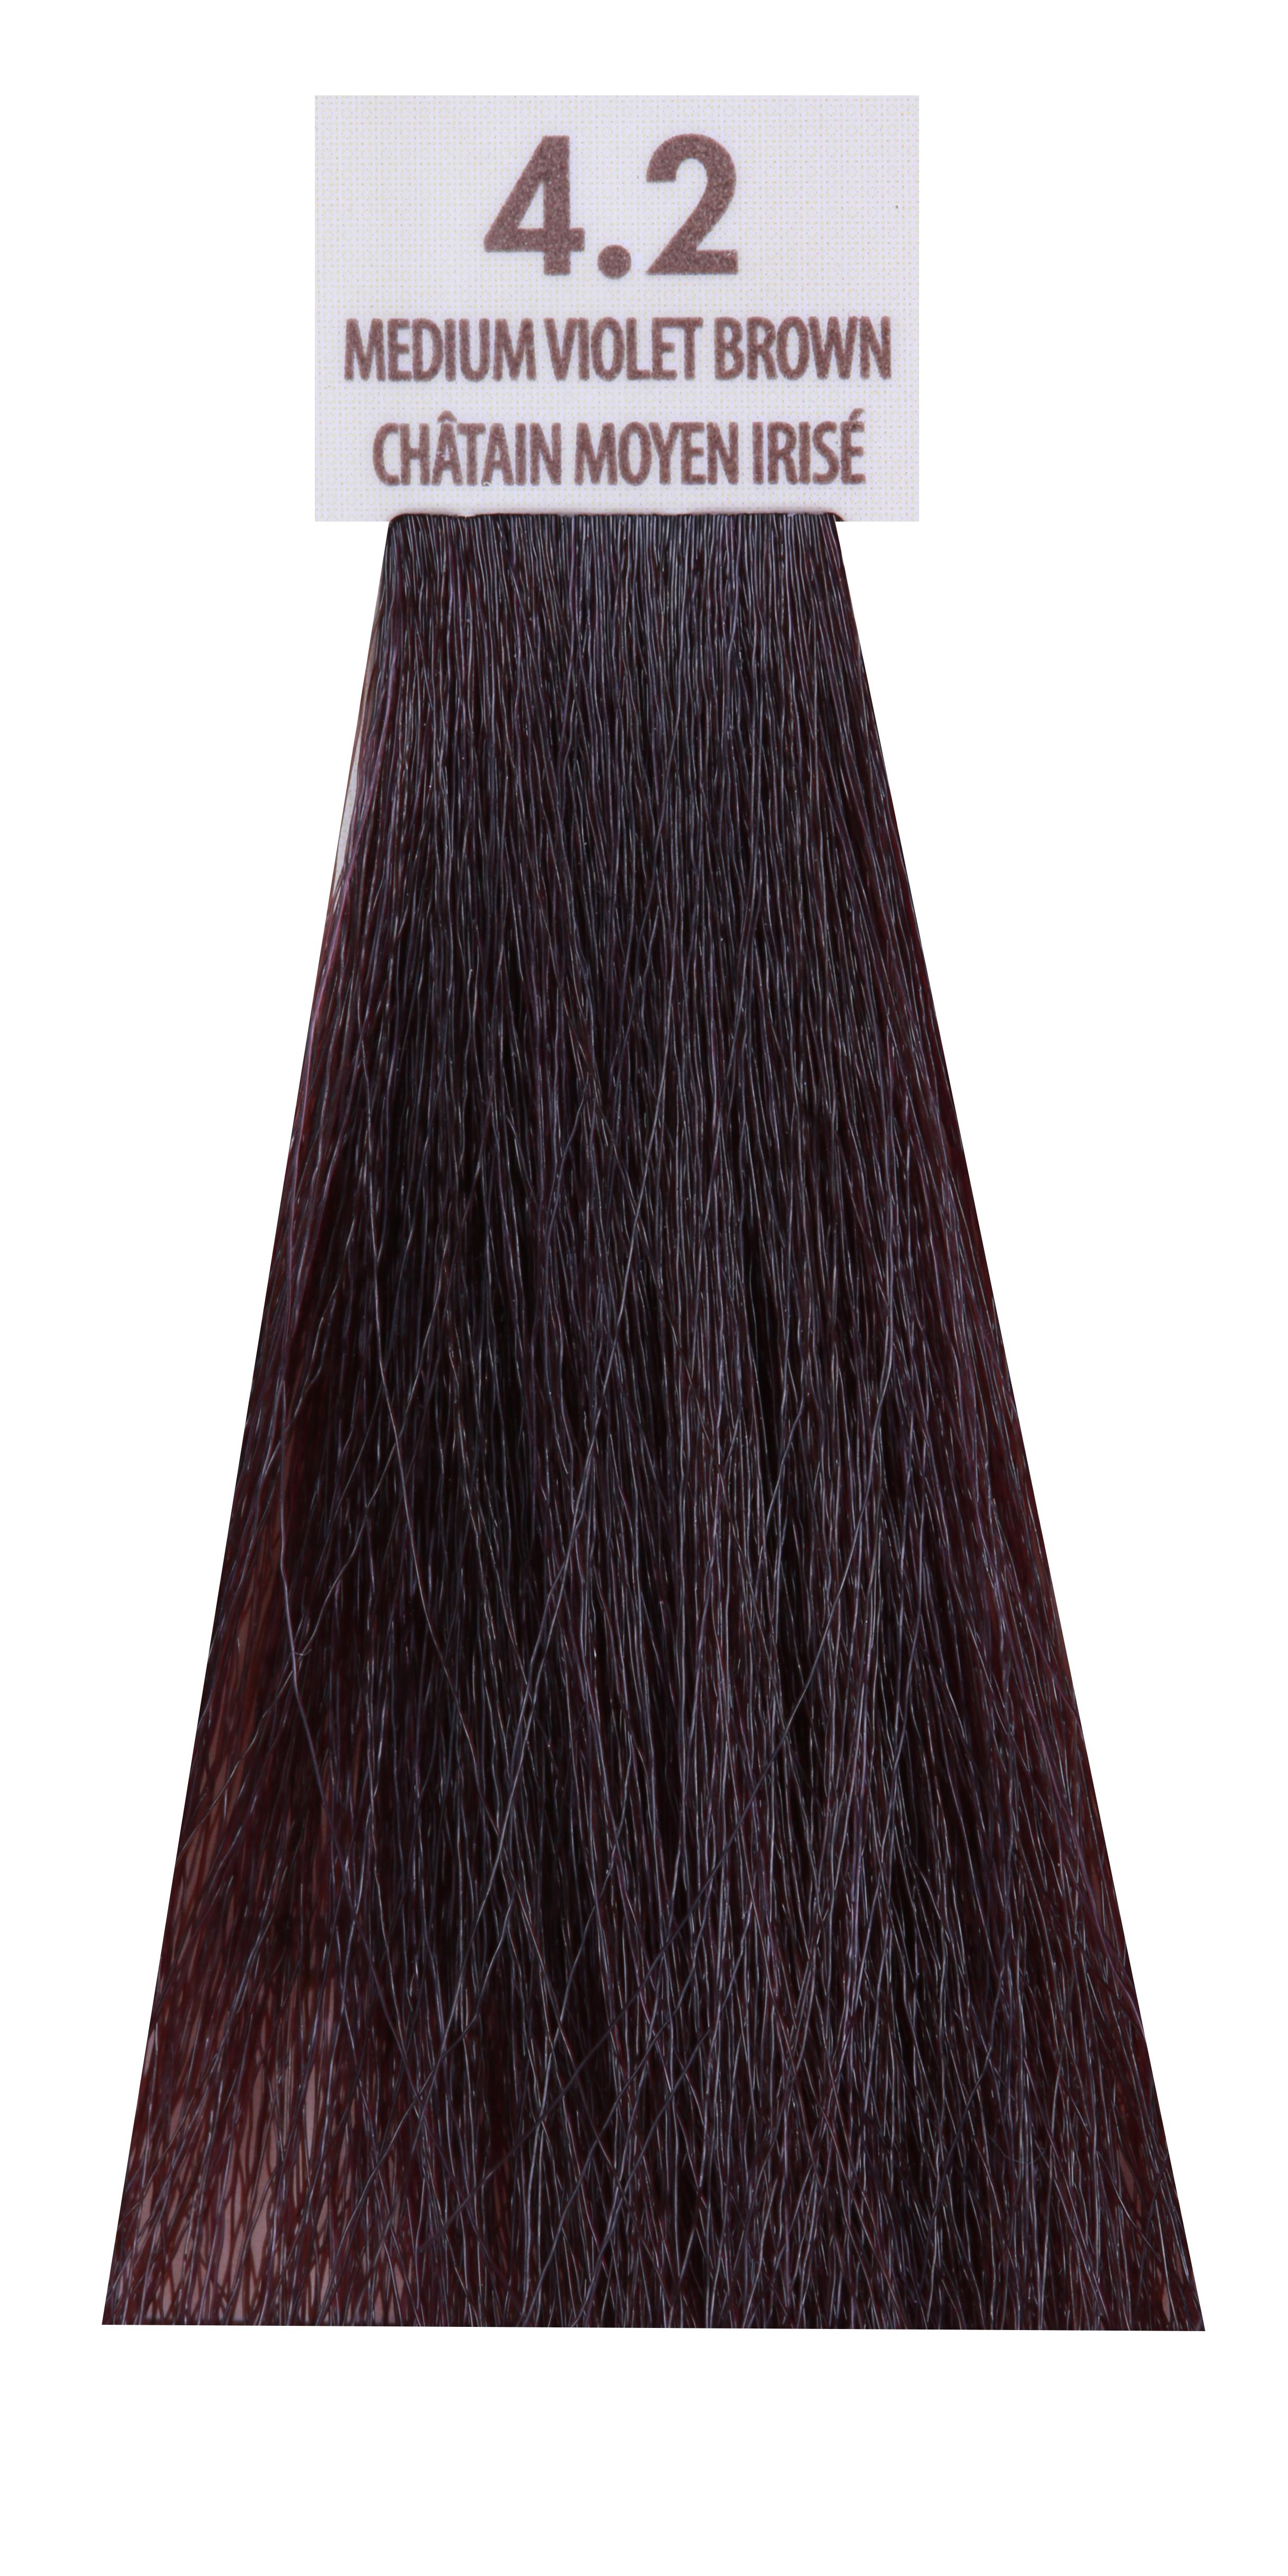 MACADAMIA NATURAL OIL 4.2 краска для волос, средний радужный каштановый / MACADAMIA COLORS 100 мл